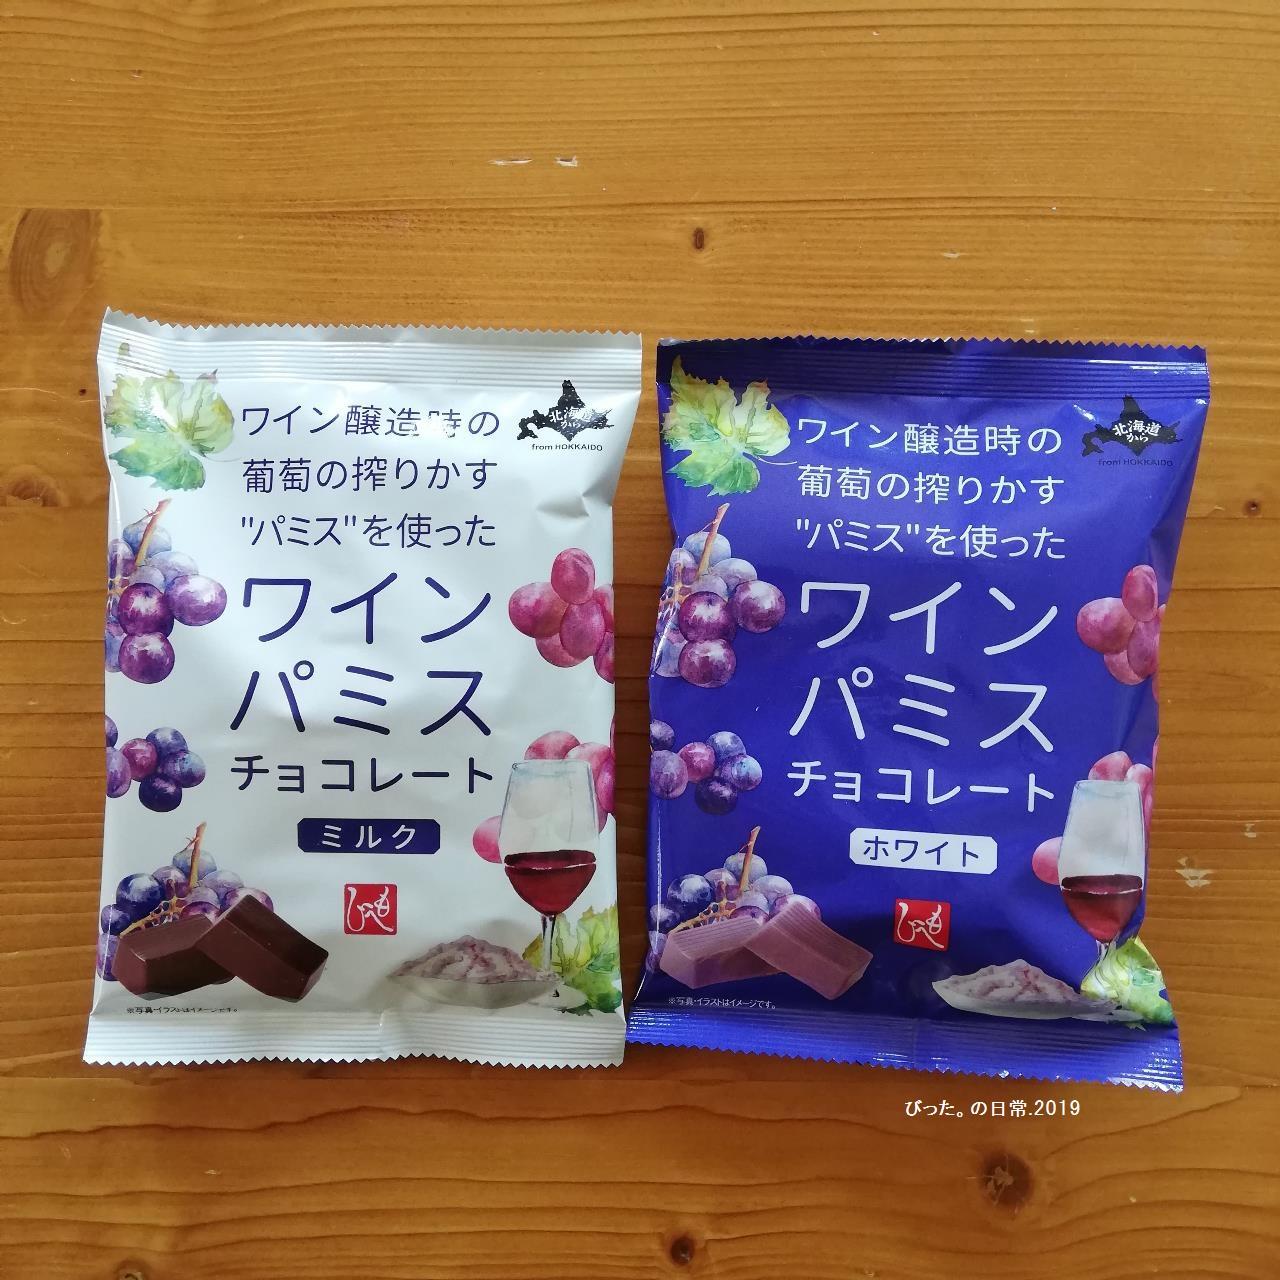 KALDI,カルディ,ワインパミス,チョコレート